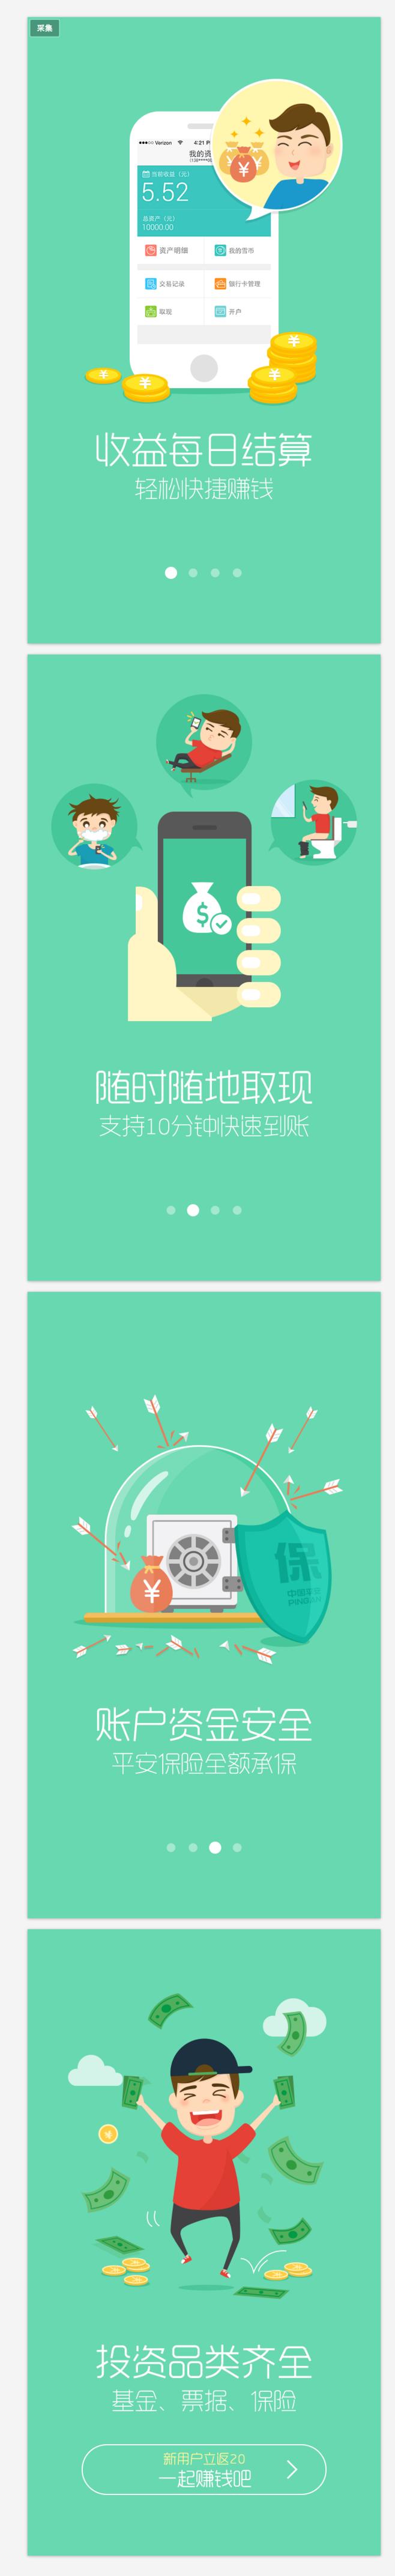 滚雪球v2.1引导页设计